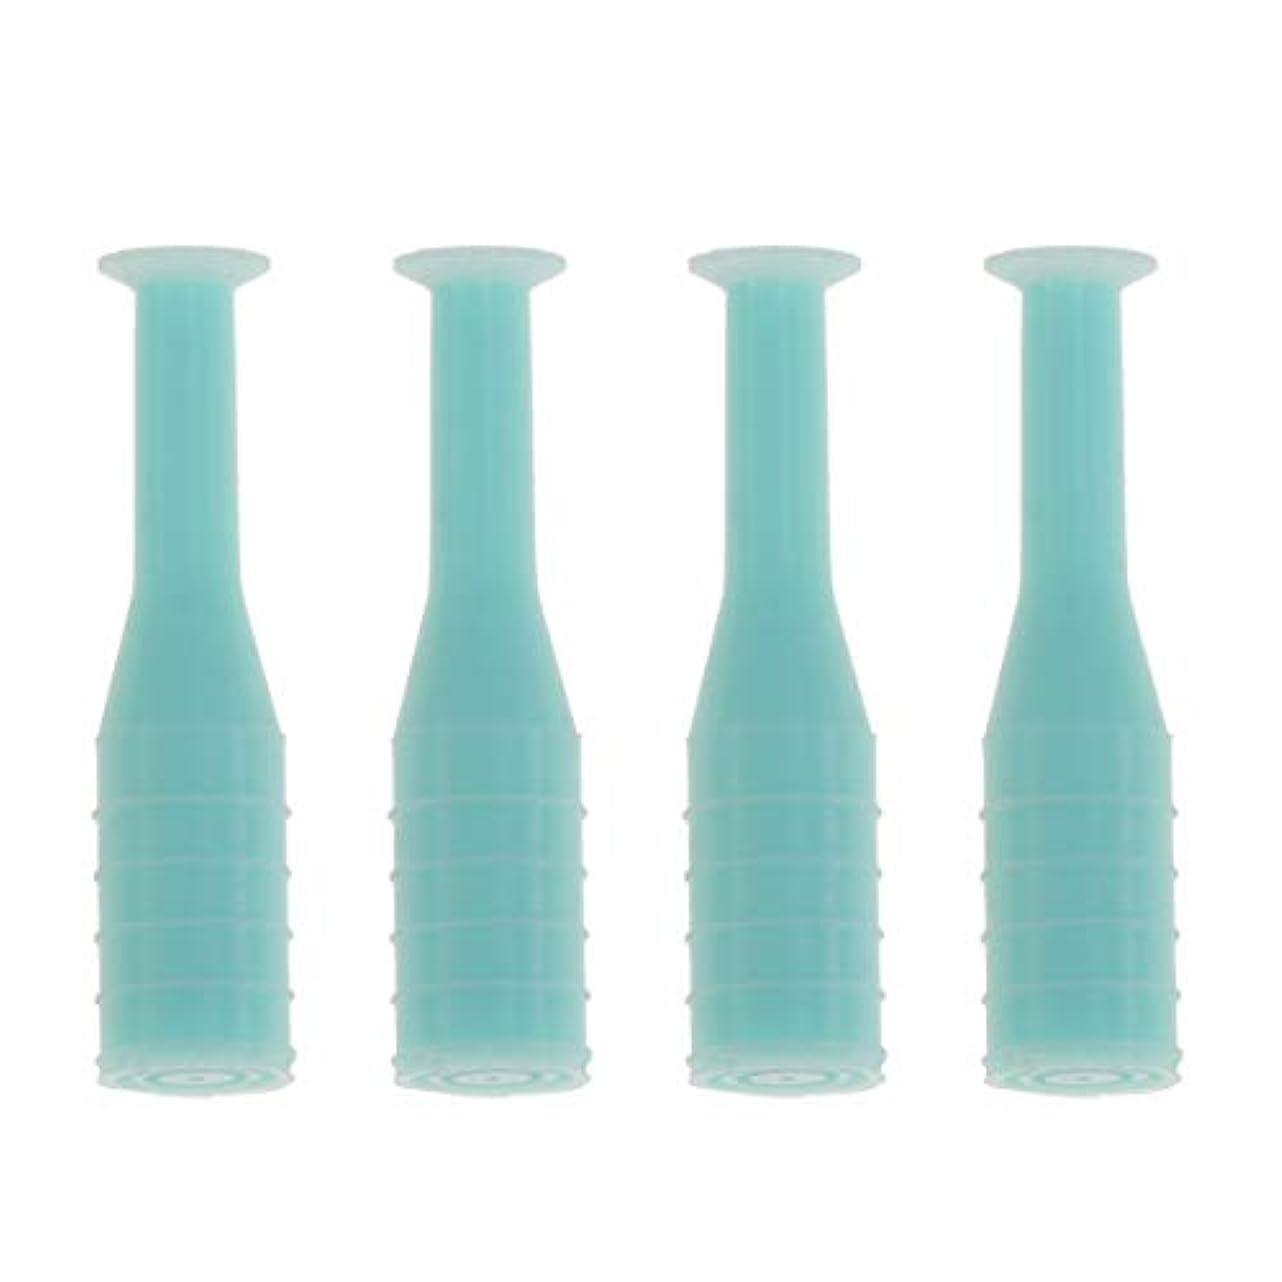 寝室を掃除するペネロペ注入HEALLILY 8本入りソフト/ハードコンタクトレンズインサーターリムーバブルコンタクトレンズサクションカップスティック工具用ボトル旅行用(緑)